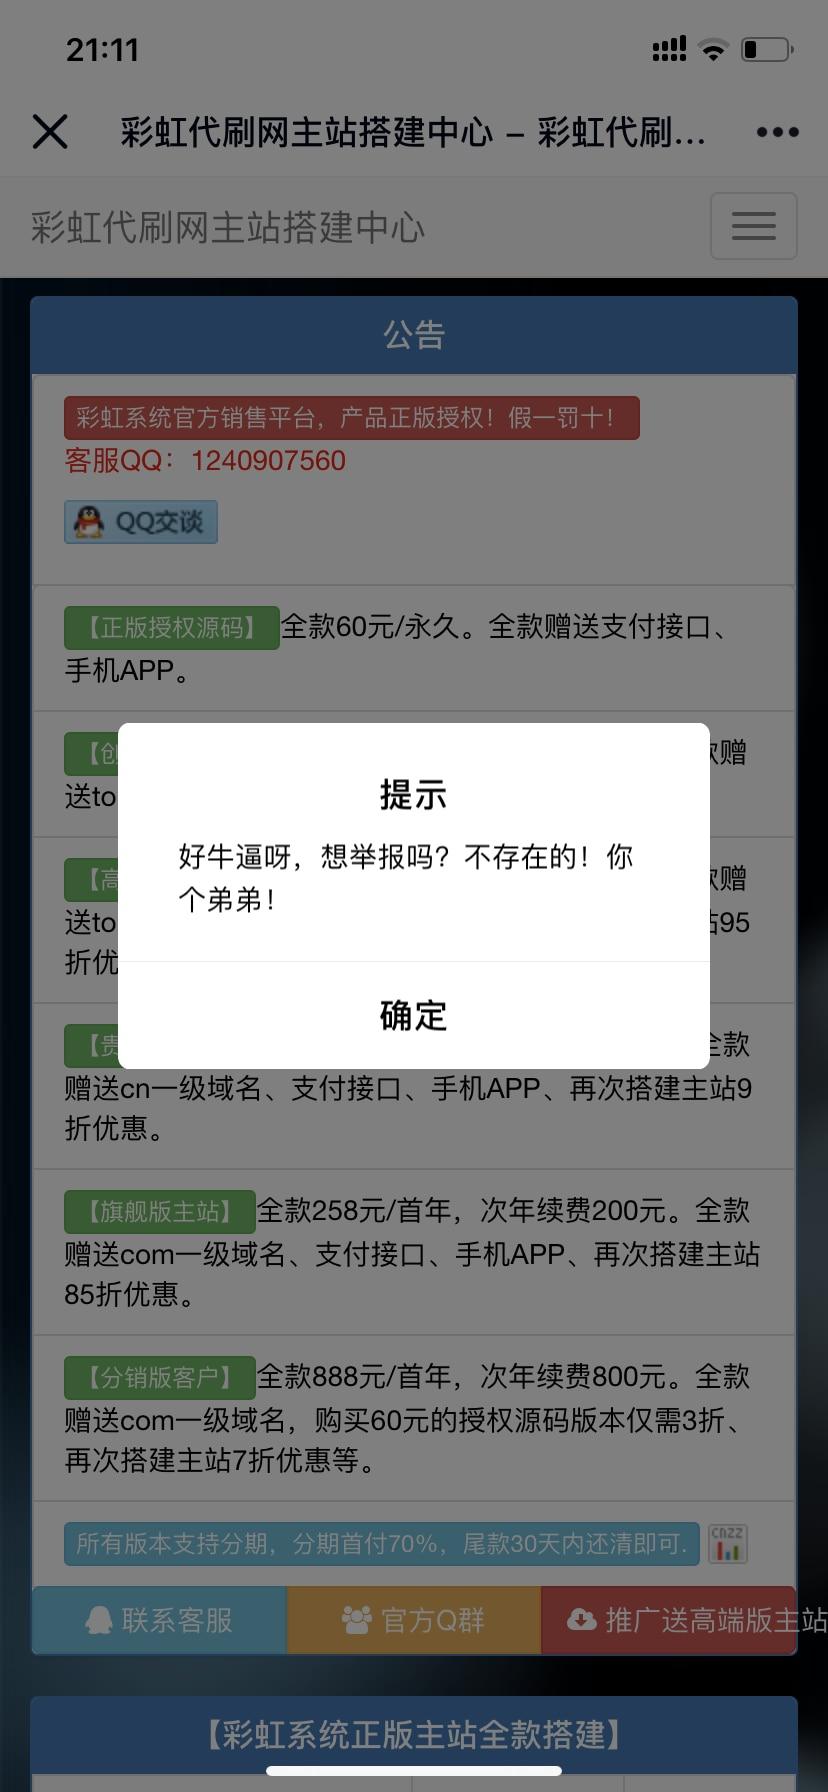 网站防止被举报代码举QQ上的网页报入口隐藏QQ上的网页